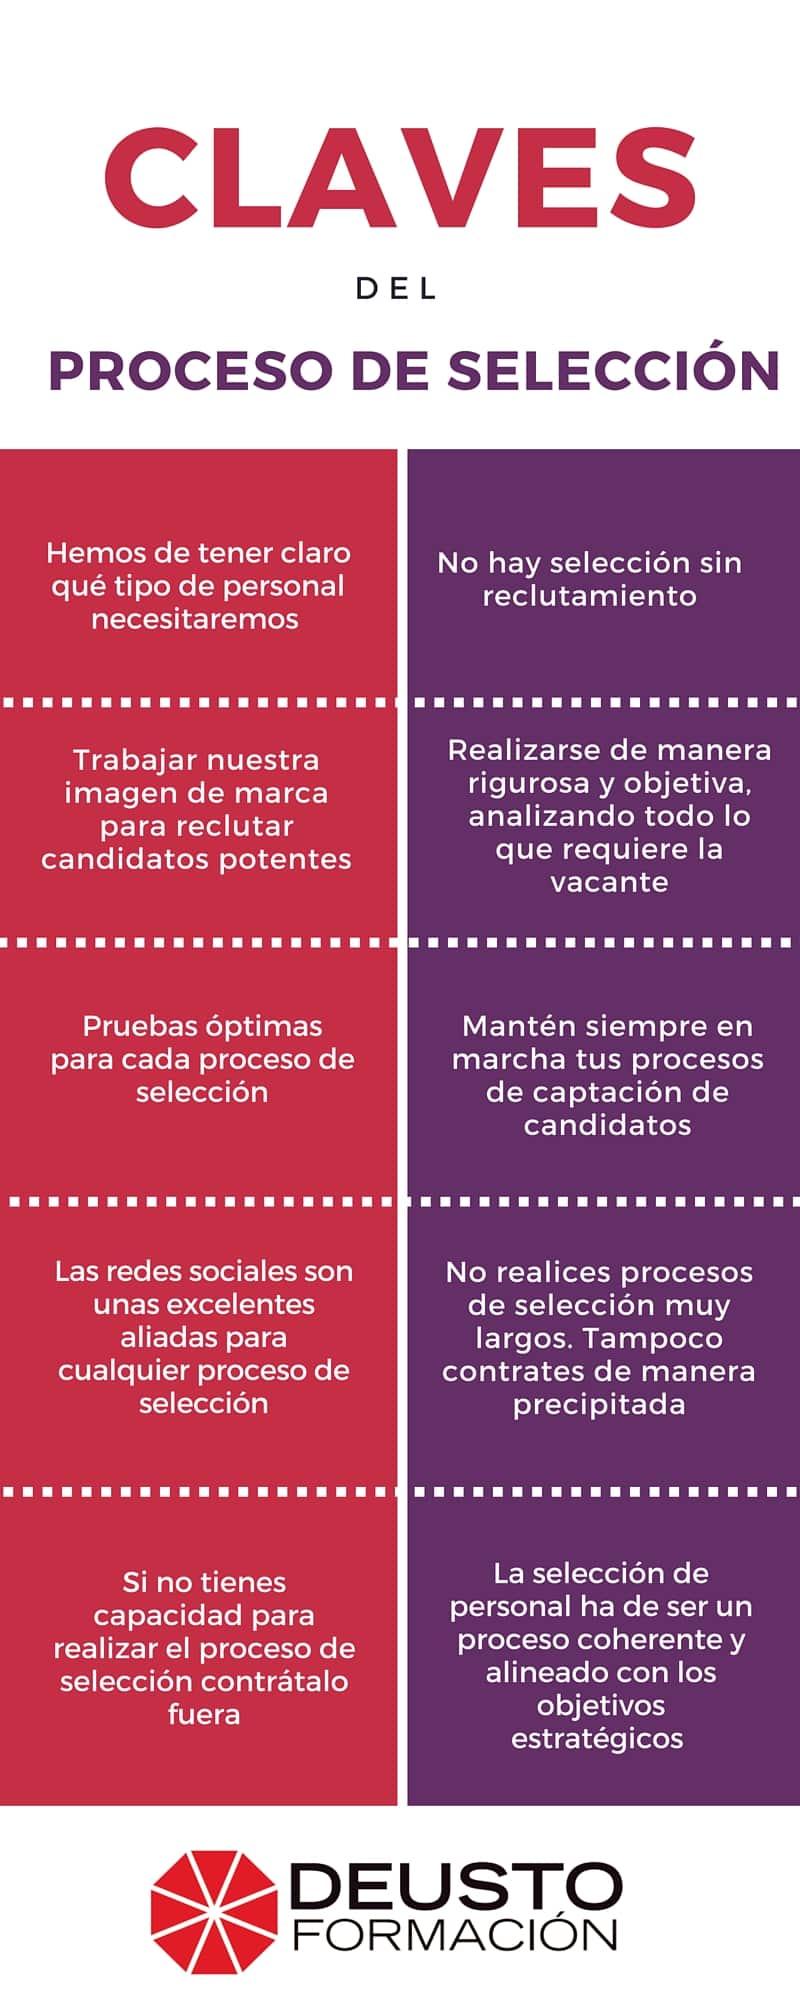 Claves del proceso de selección de personal | Deusto Formación